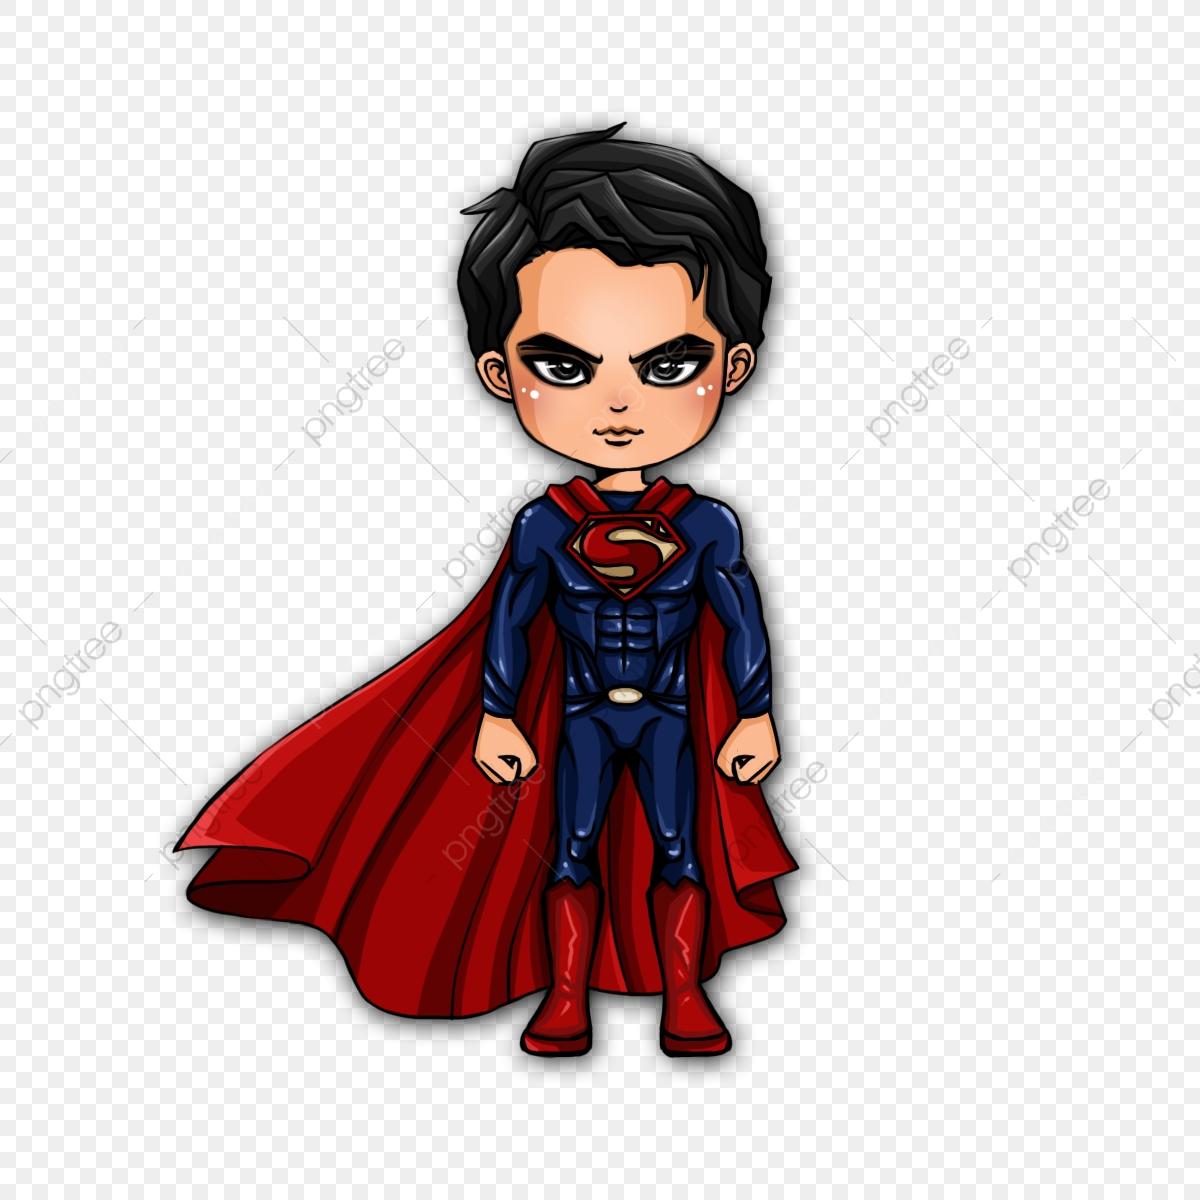 Superman Dessin Animé Avatar Avatar Dessin Animé